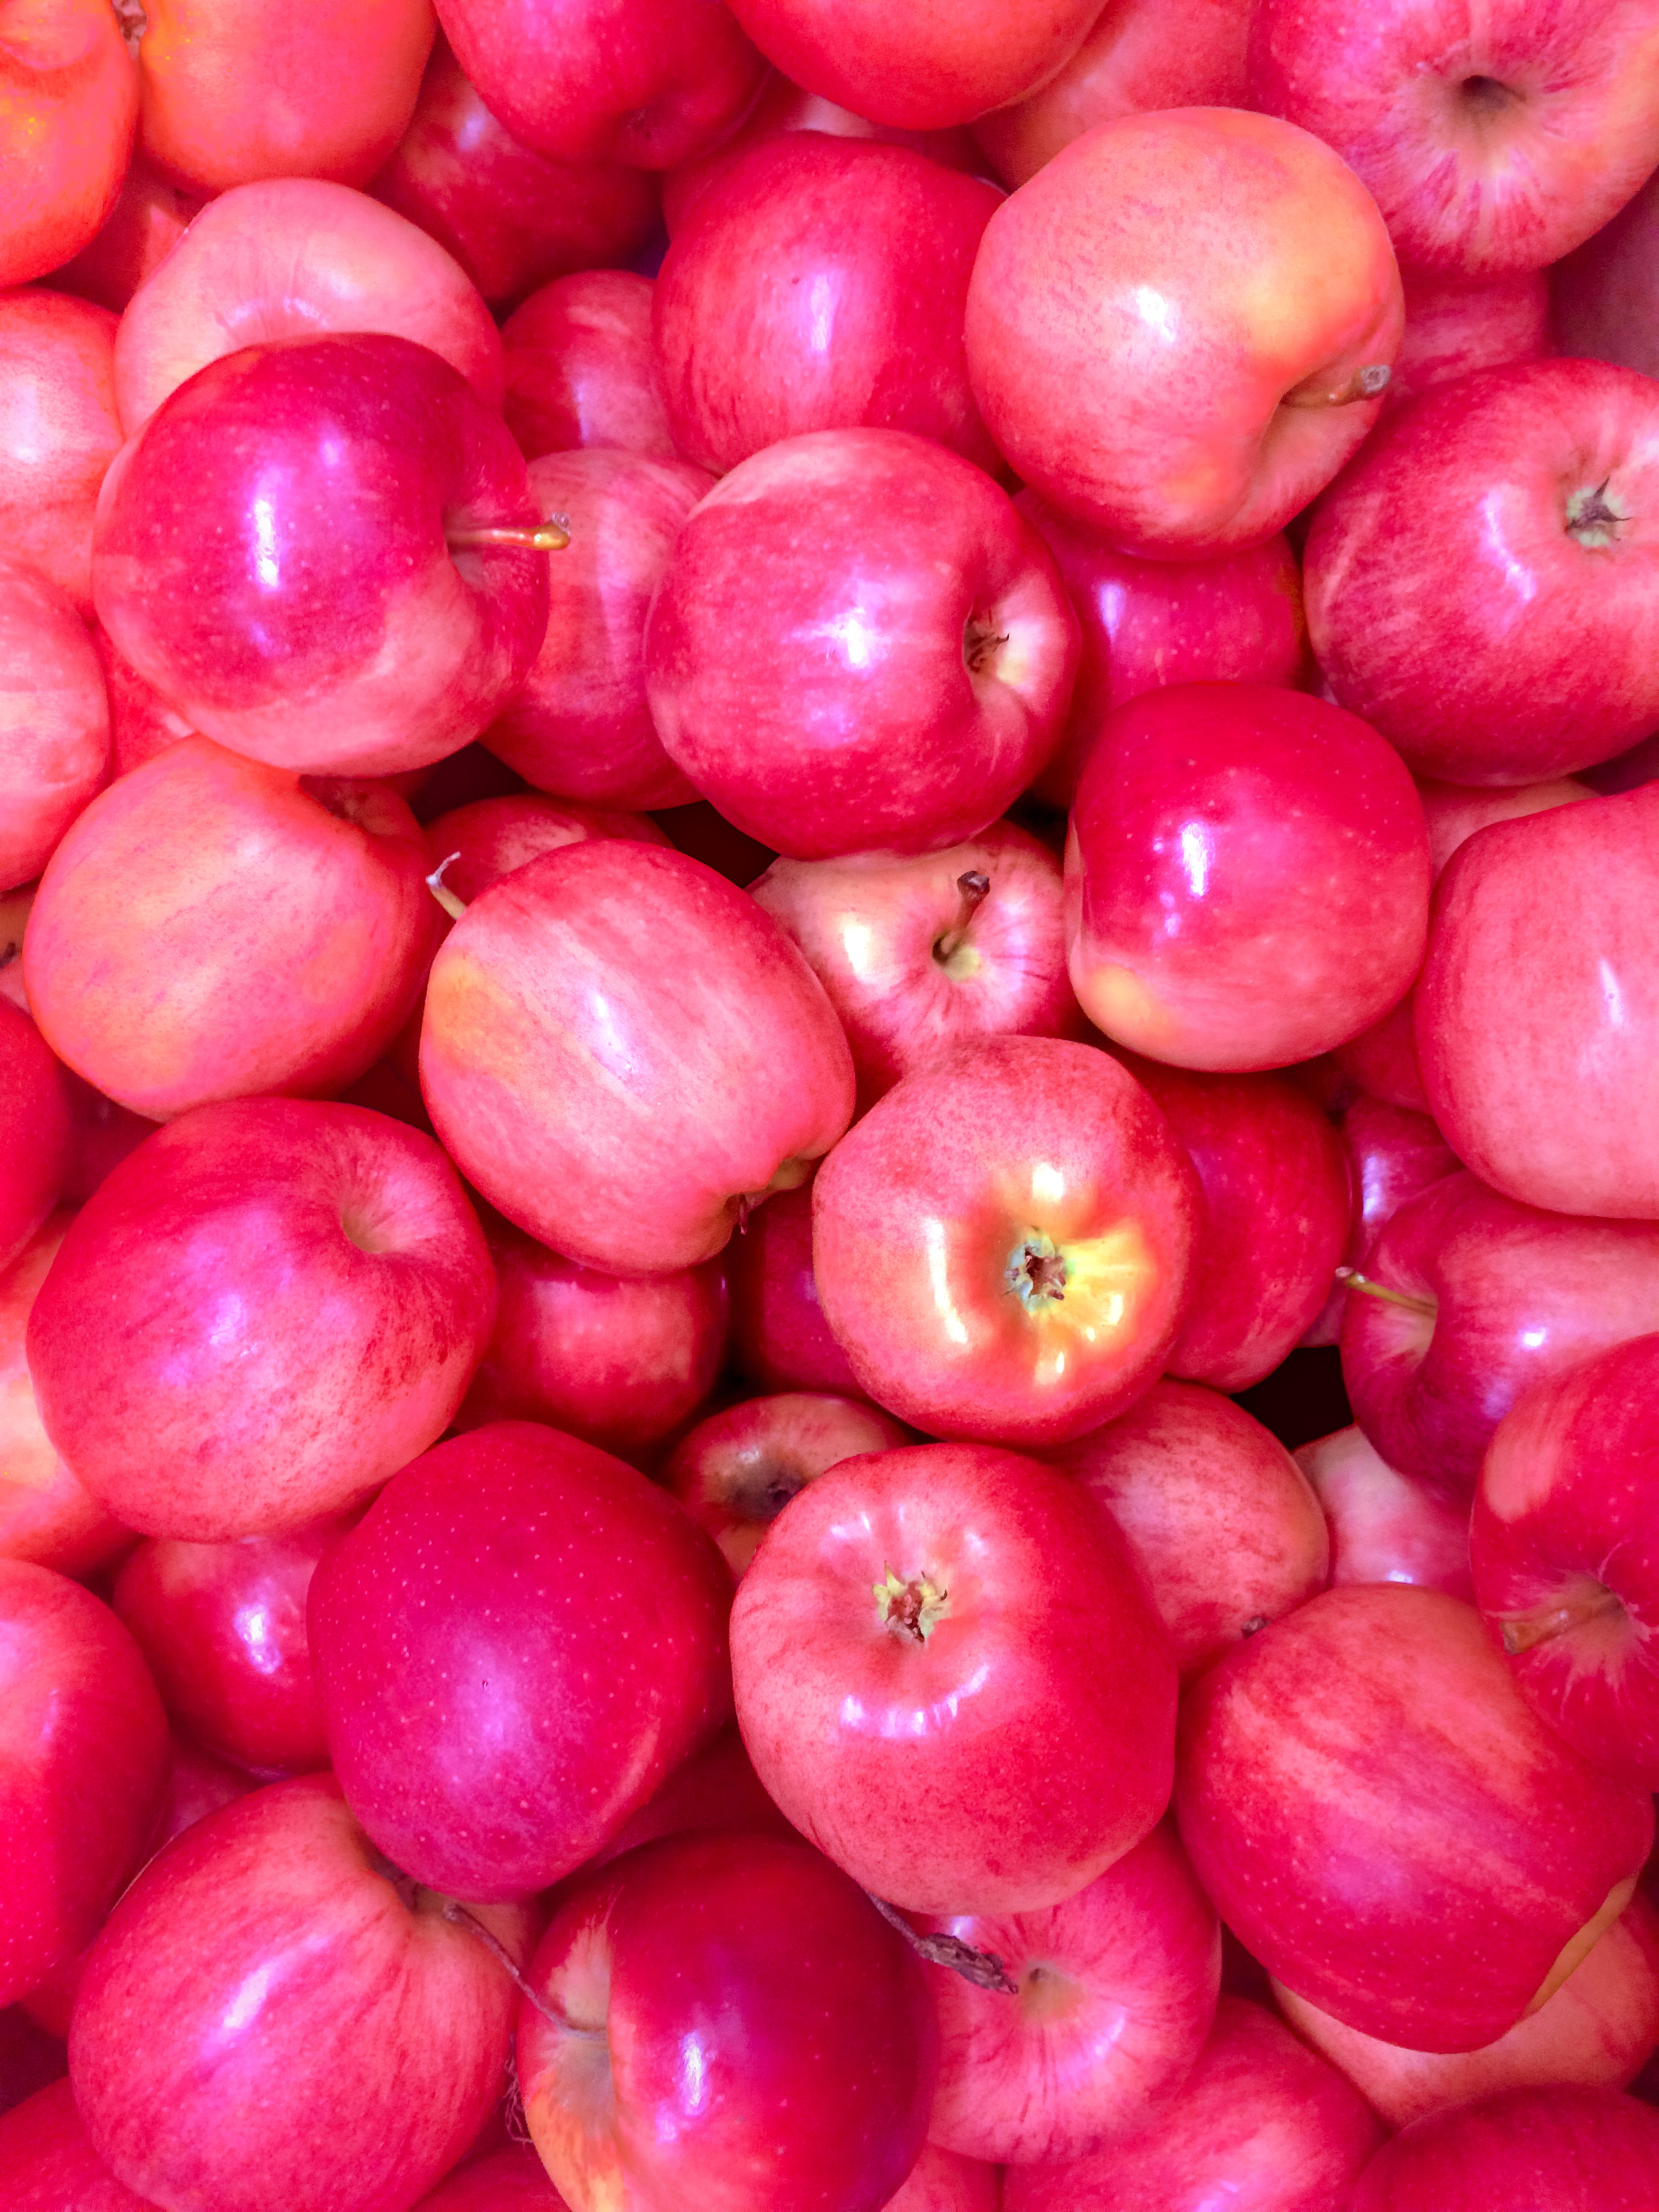 hình ảnh : thơm ngon, chế độ ăn, Hoa quả tươi, Sự tươi mát, trái cây, khỏe mạnh, Điểm nổi bật, Ngọt ngào, thiên nhiên, Dinh dưỡng, Sản xuất, Đỏ, táo đỏ, ...